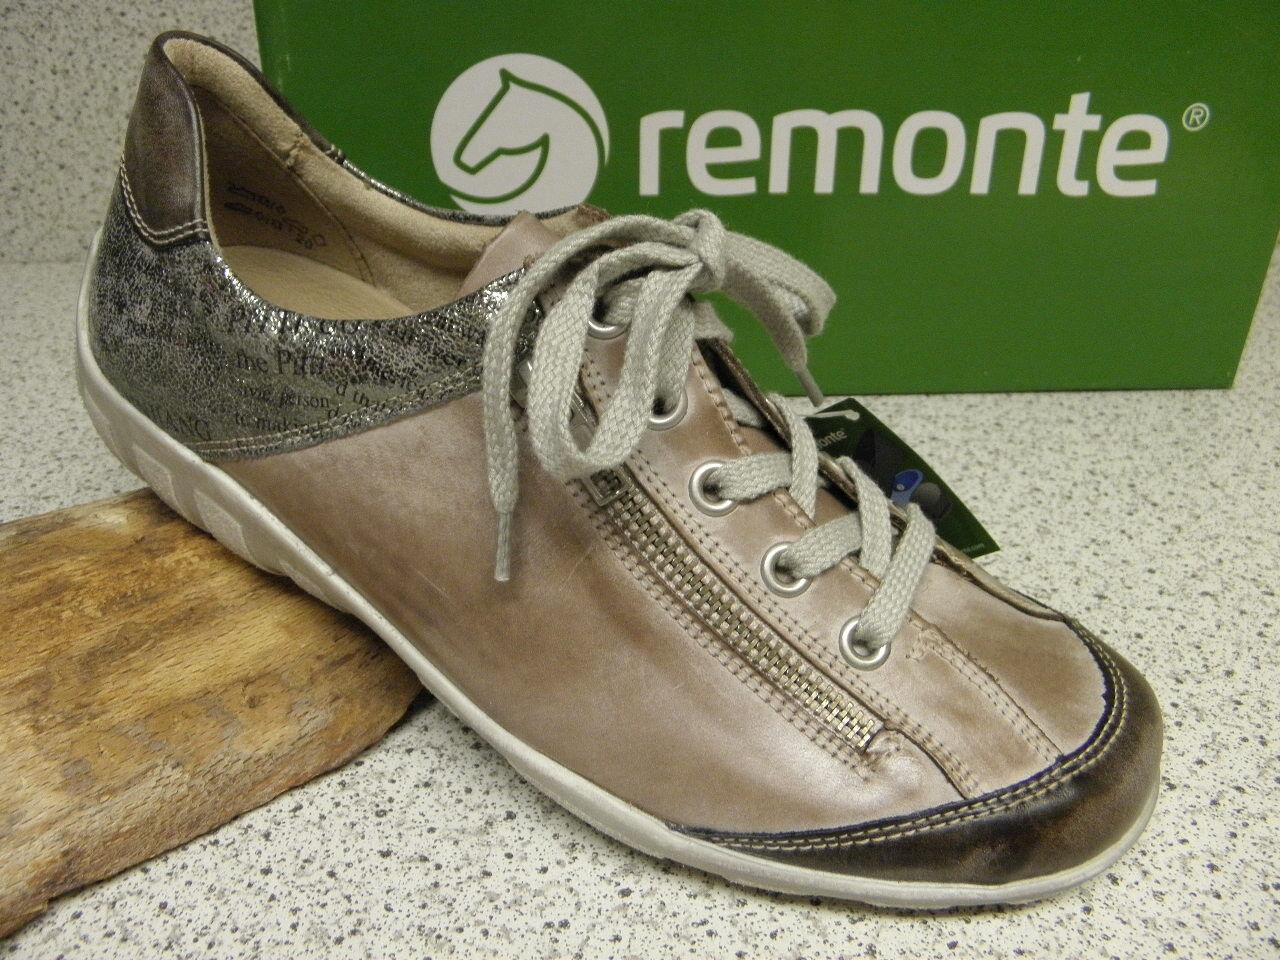 Remonte ® sale, finora , , , + GRATIS Premium-Calze, r3417-25 (d953) f0edec